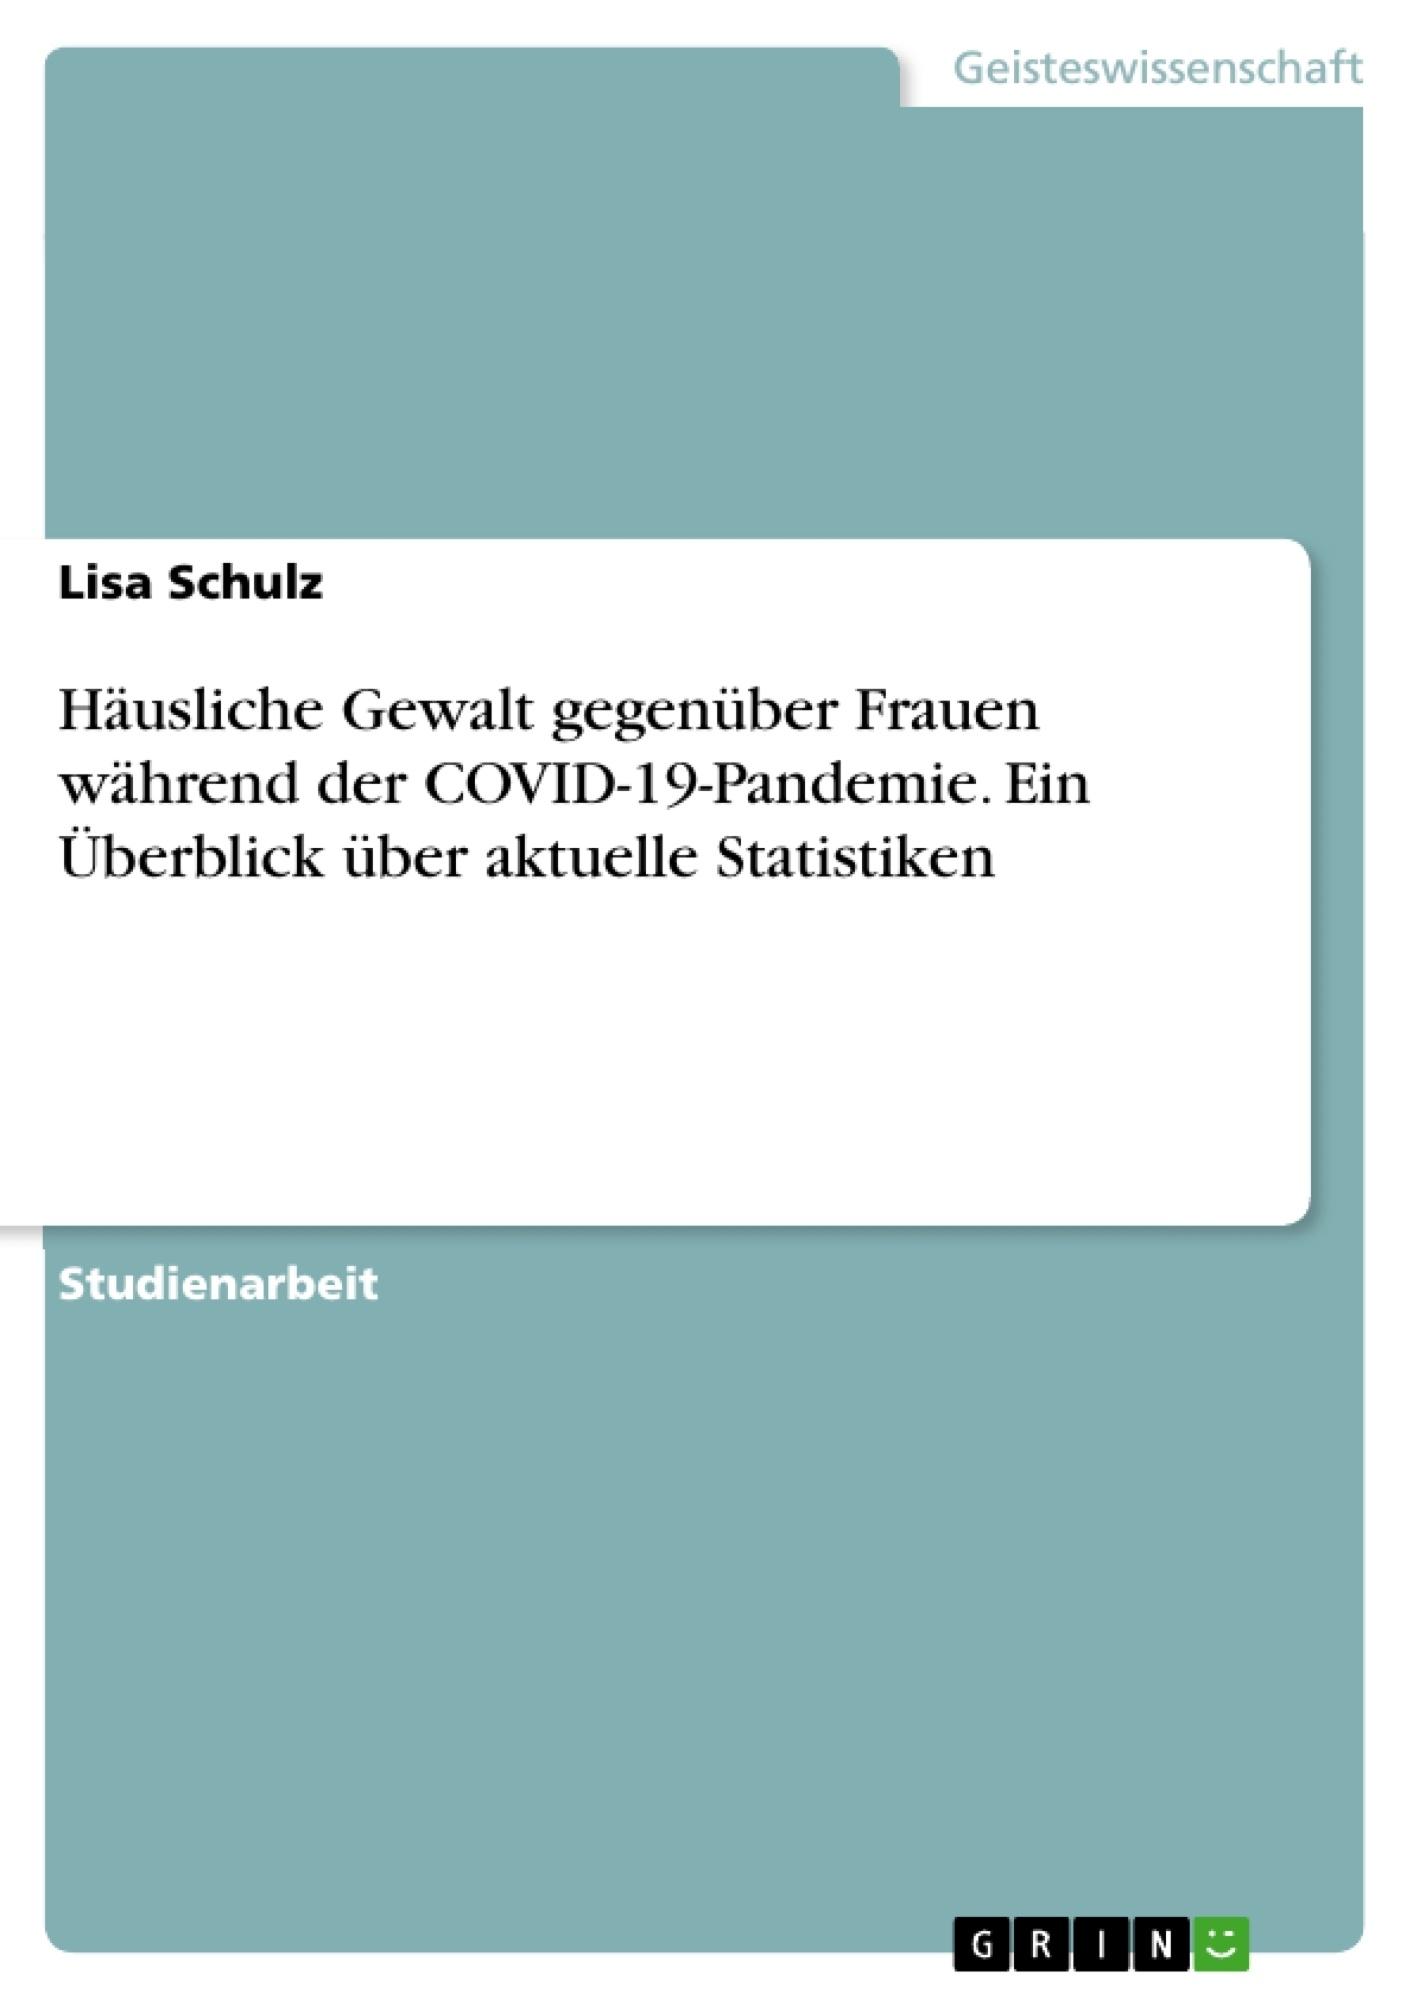 Titel: Häusliche Gewalt gegenüber Frauen während der COVID-19-Pandemie. Ein Überblick über aktuelle Statistiken